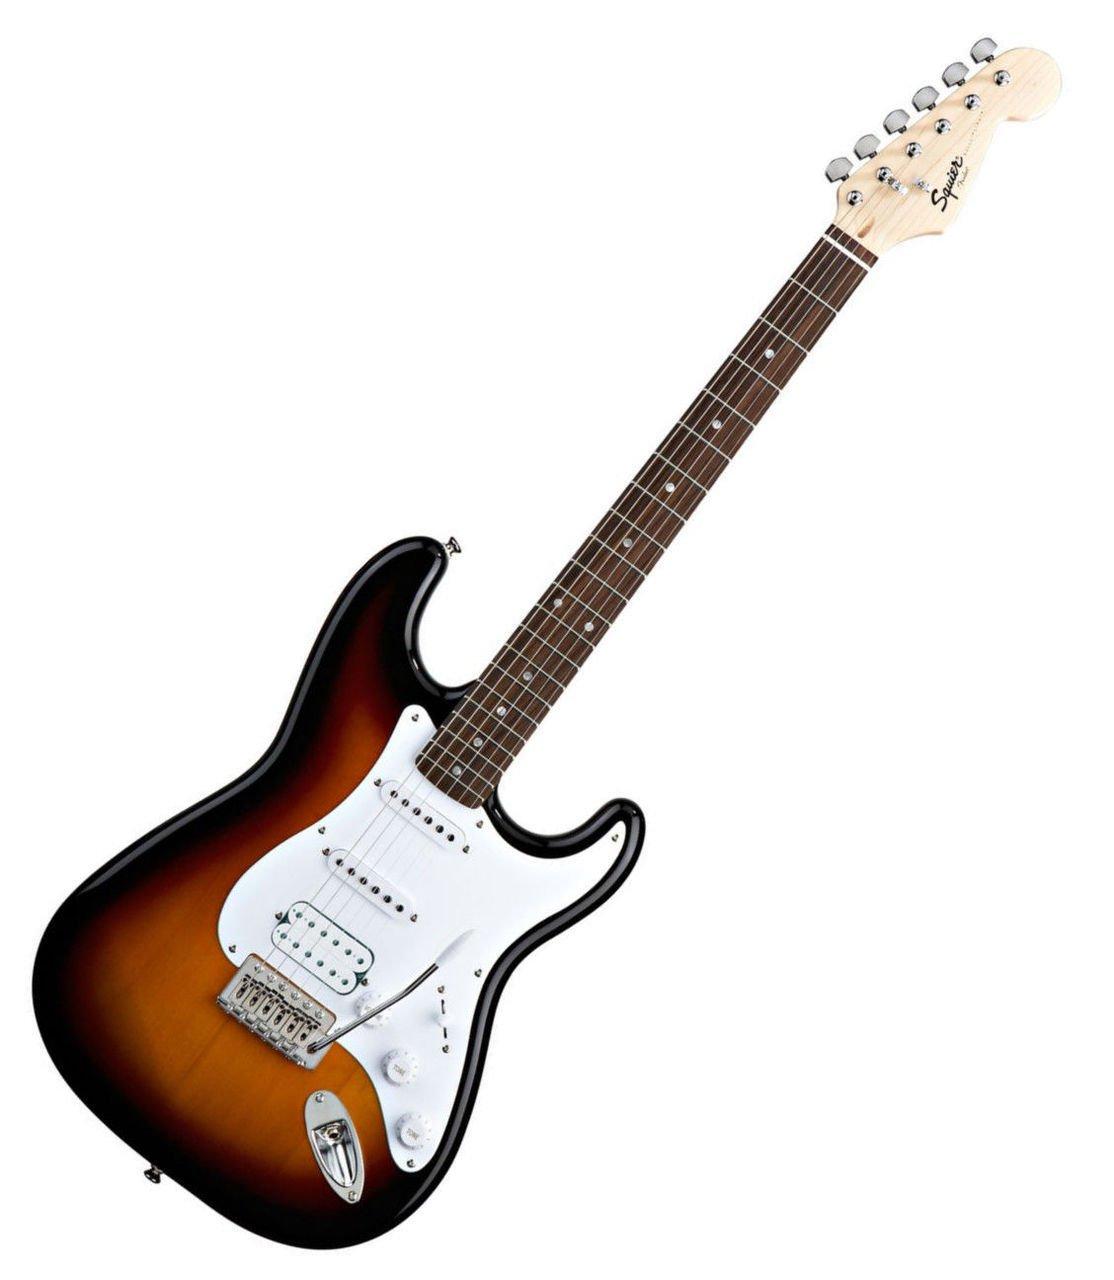 Guitarra eléctrica Aire STG-003 - Color 3TS 3 tonos de Sunburst ...